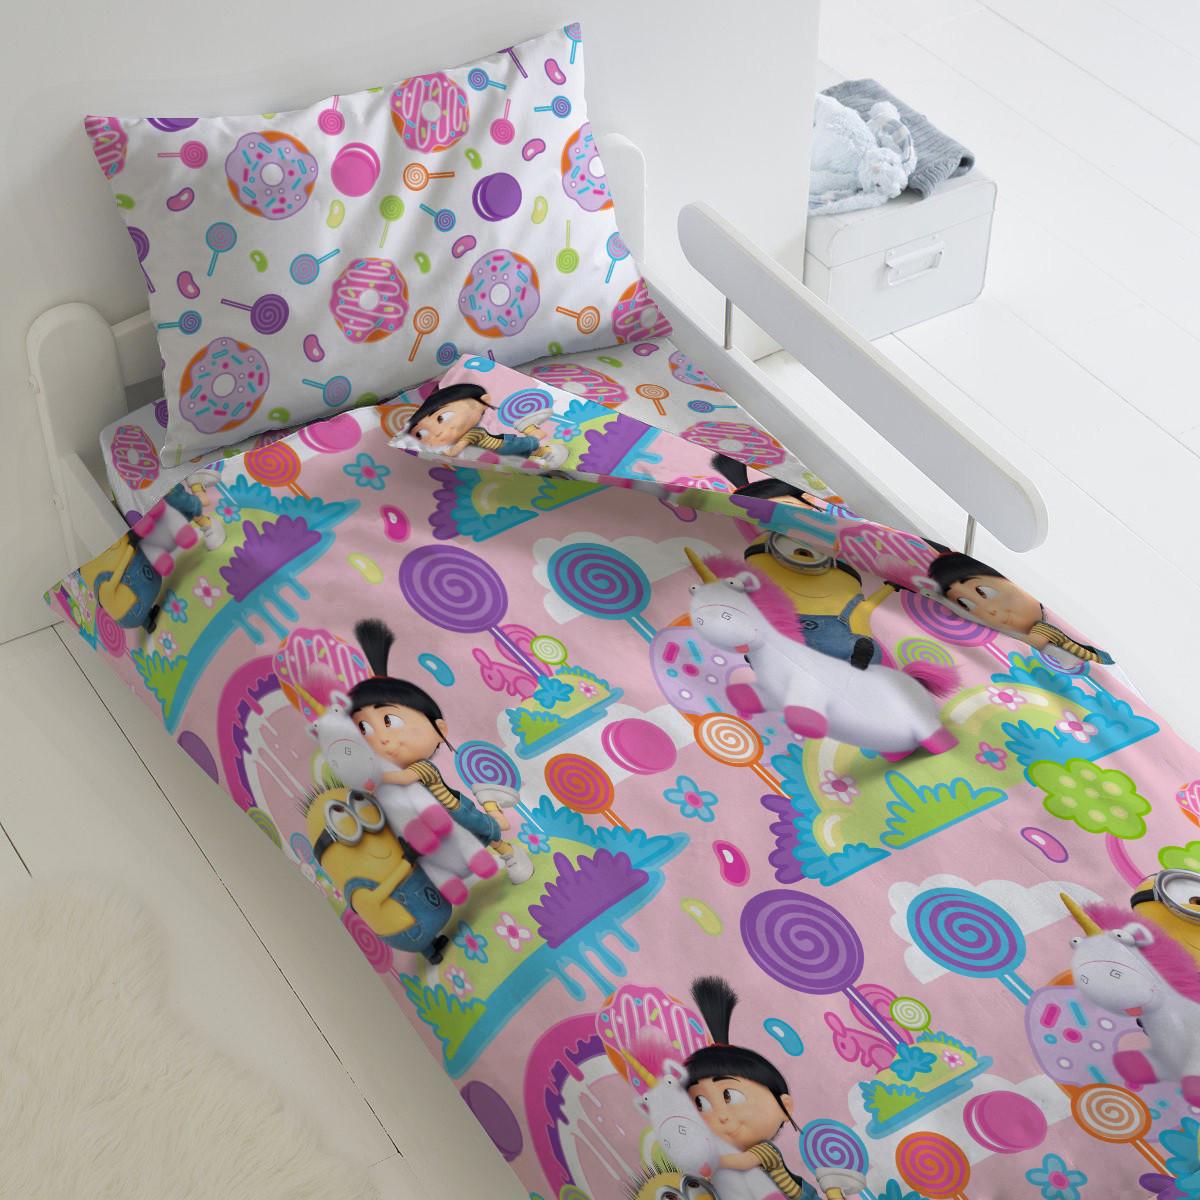 HOMY Комплект постельного белья Радужный мир  миньоны,  HOMY  1.5 спальный